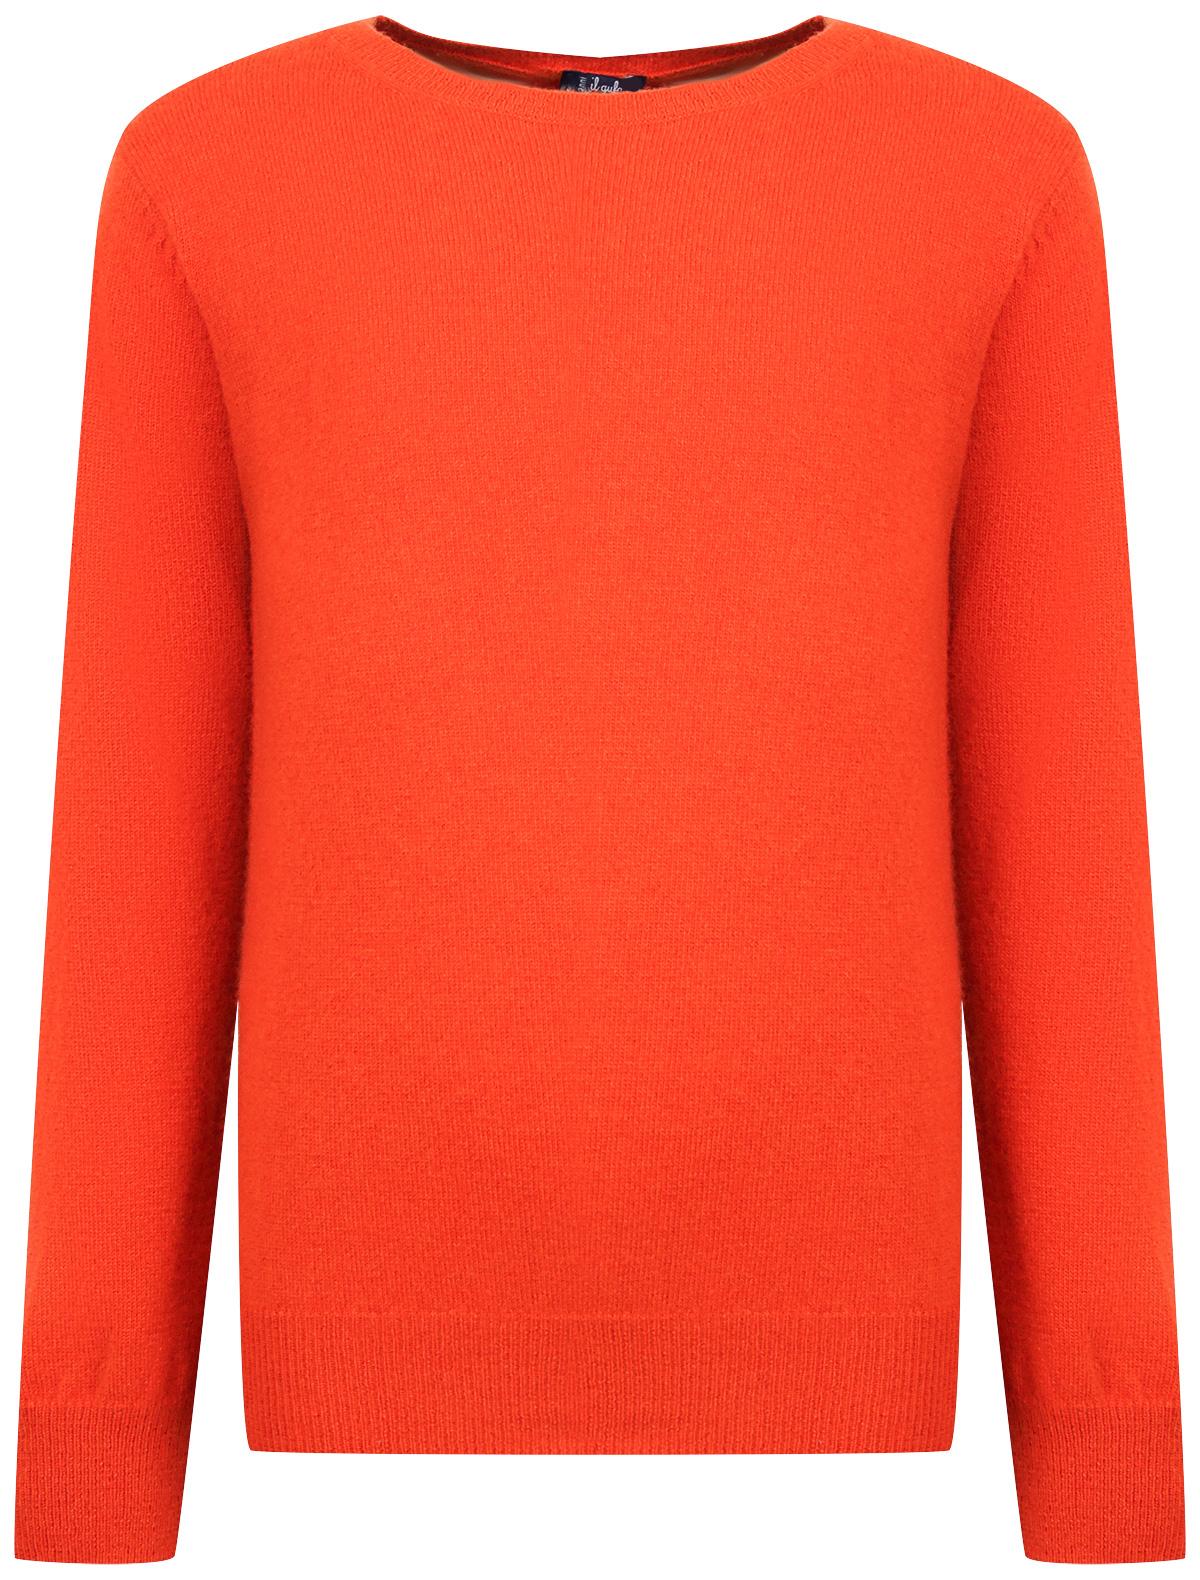 Купить 2033450, Джемпер Il Gufo, оранжевый, Мужской, 1262419980512